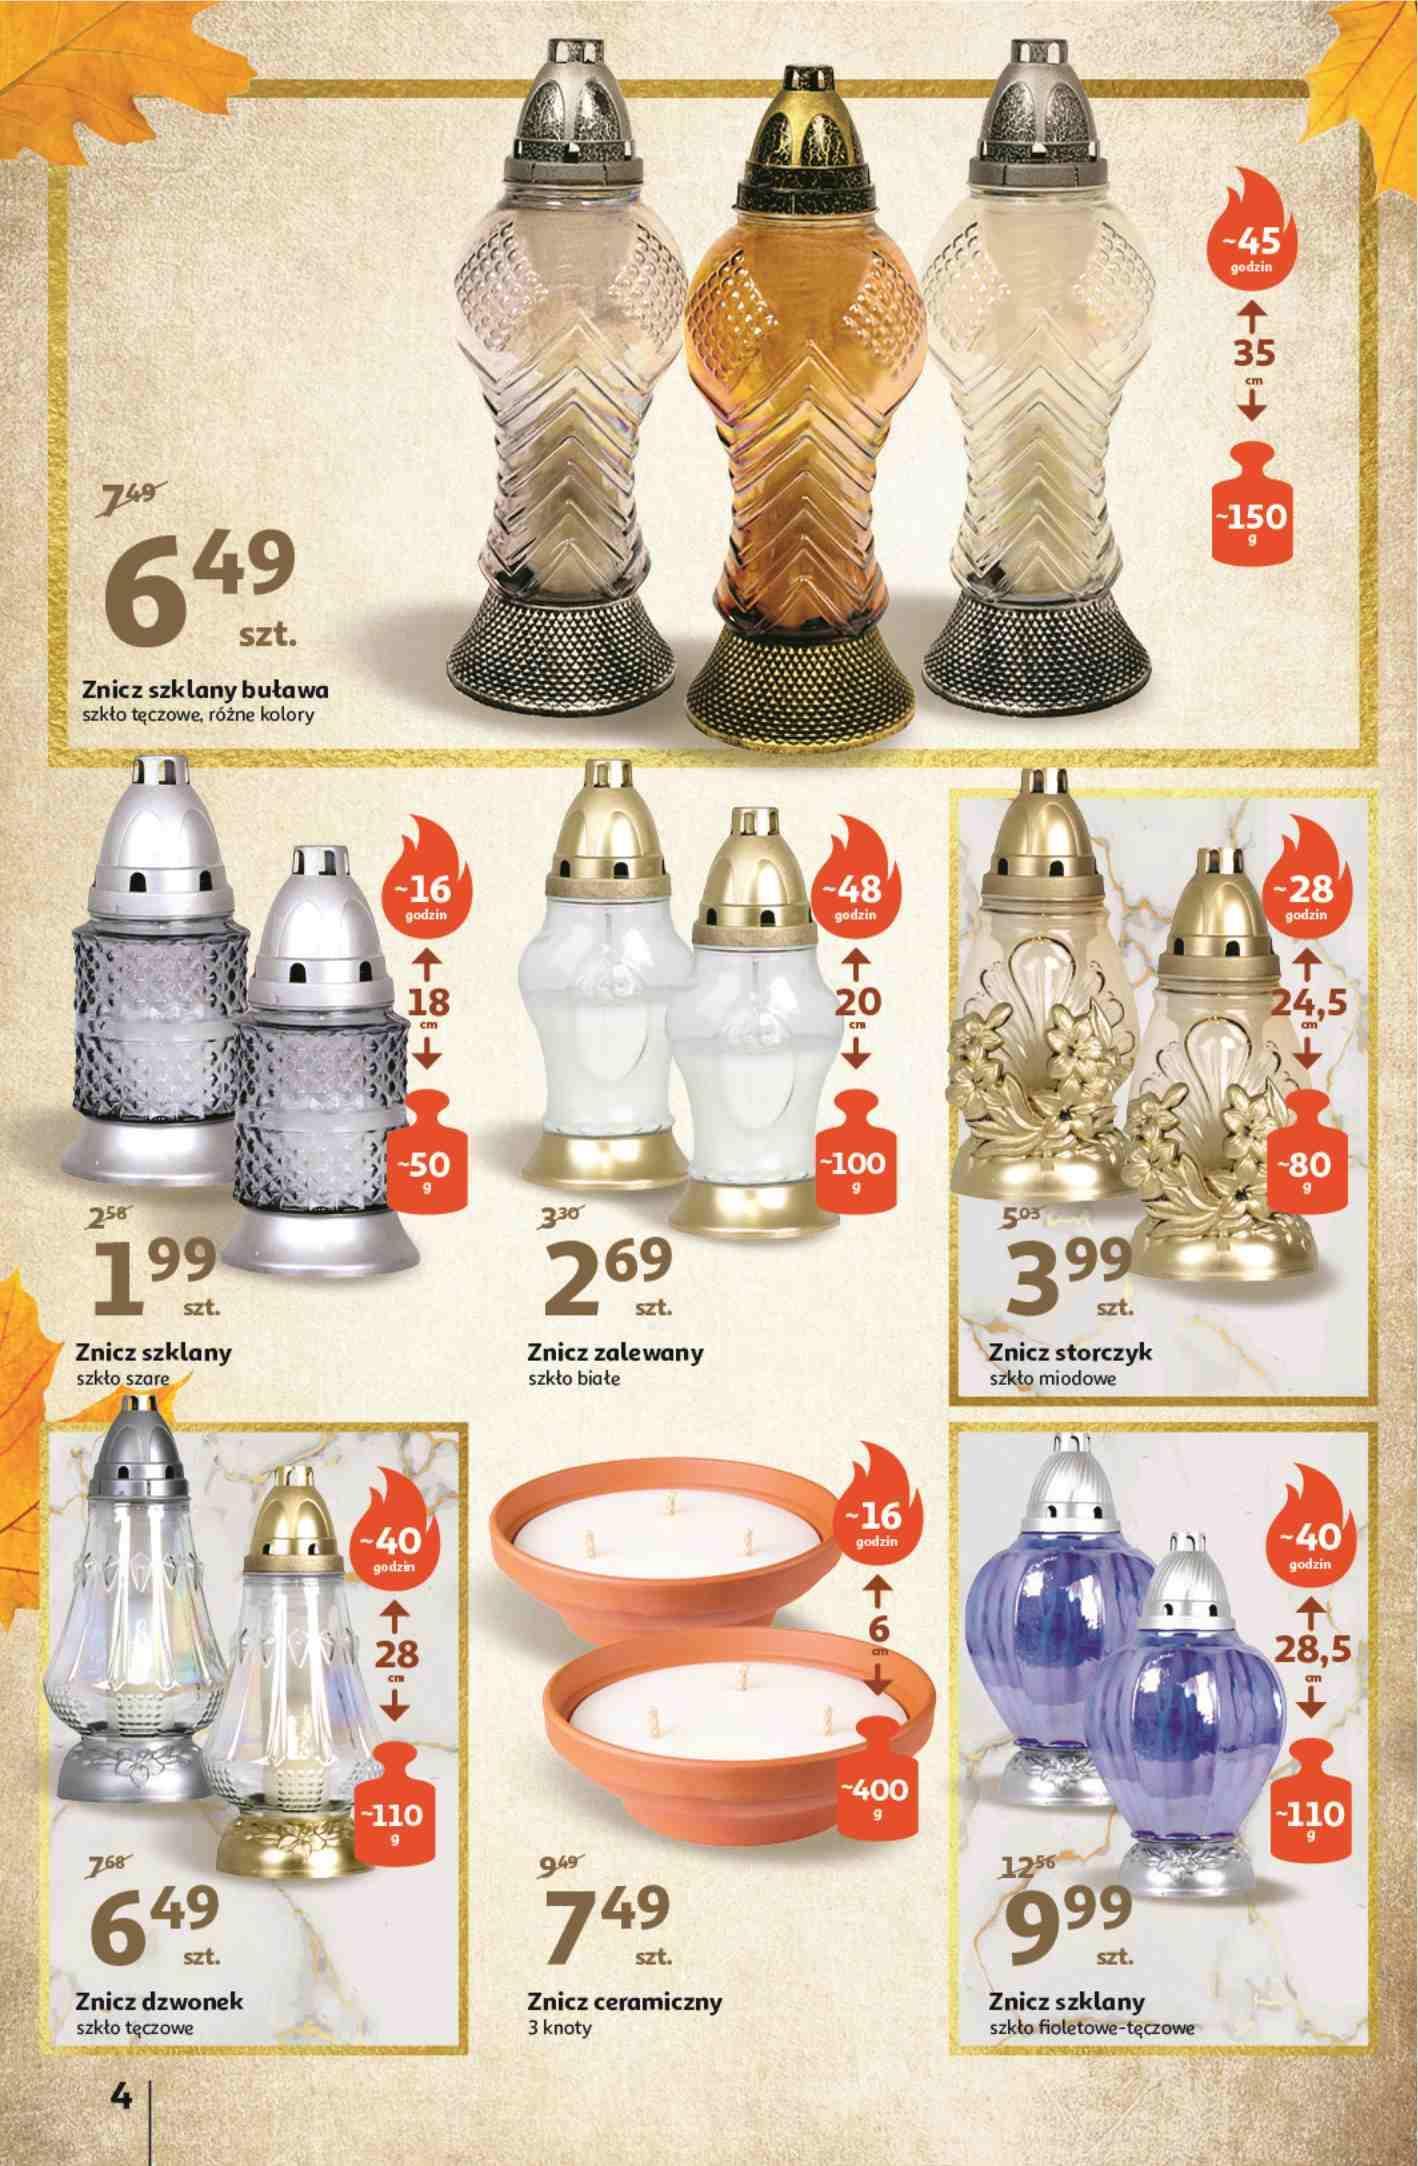 Gazetka promocyjna Auchan do 14/10/2020 str.3